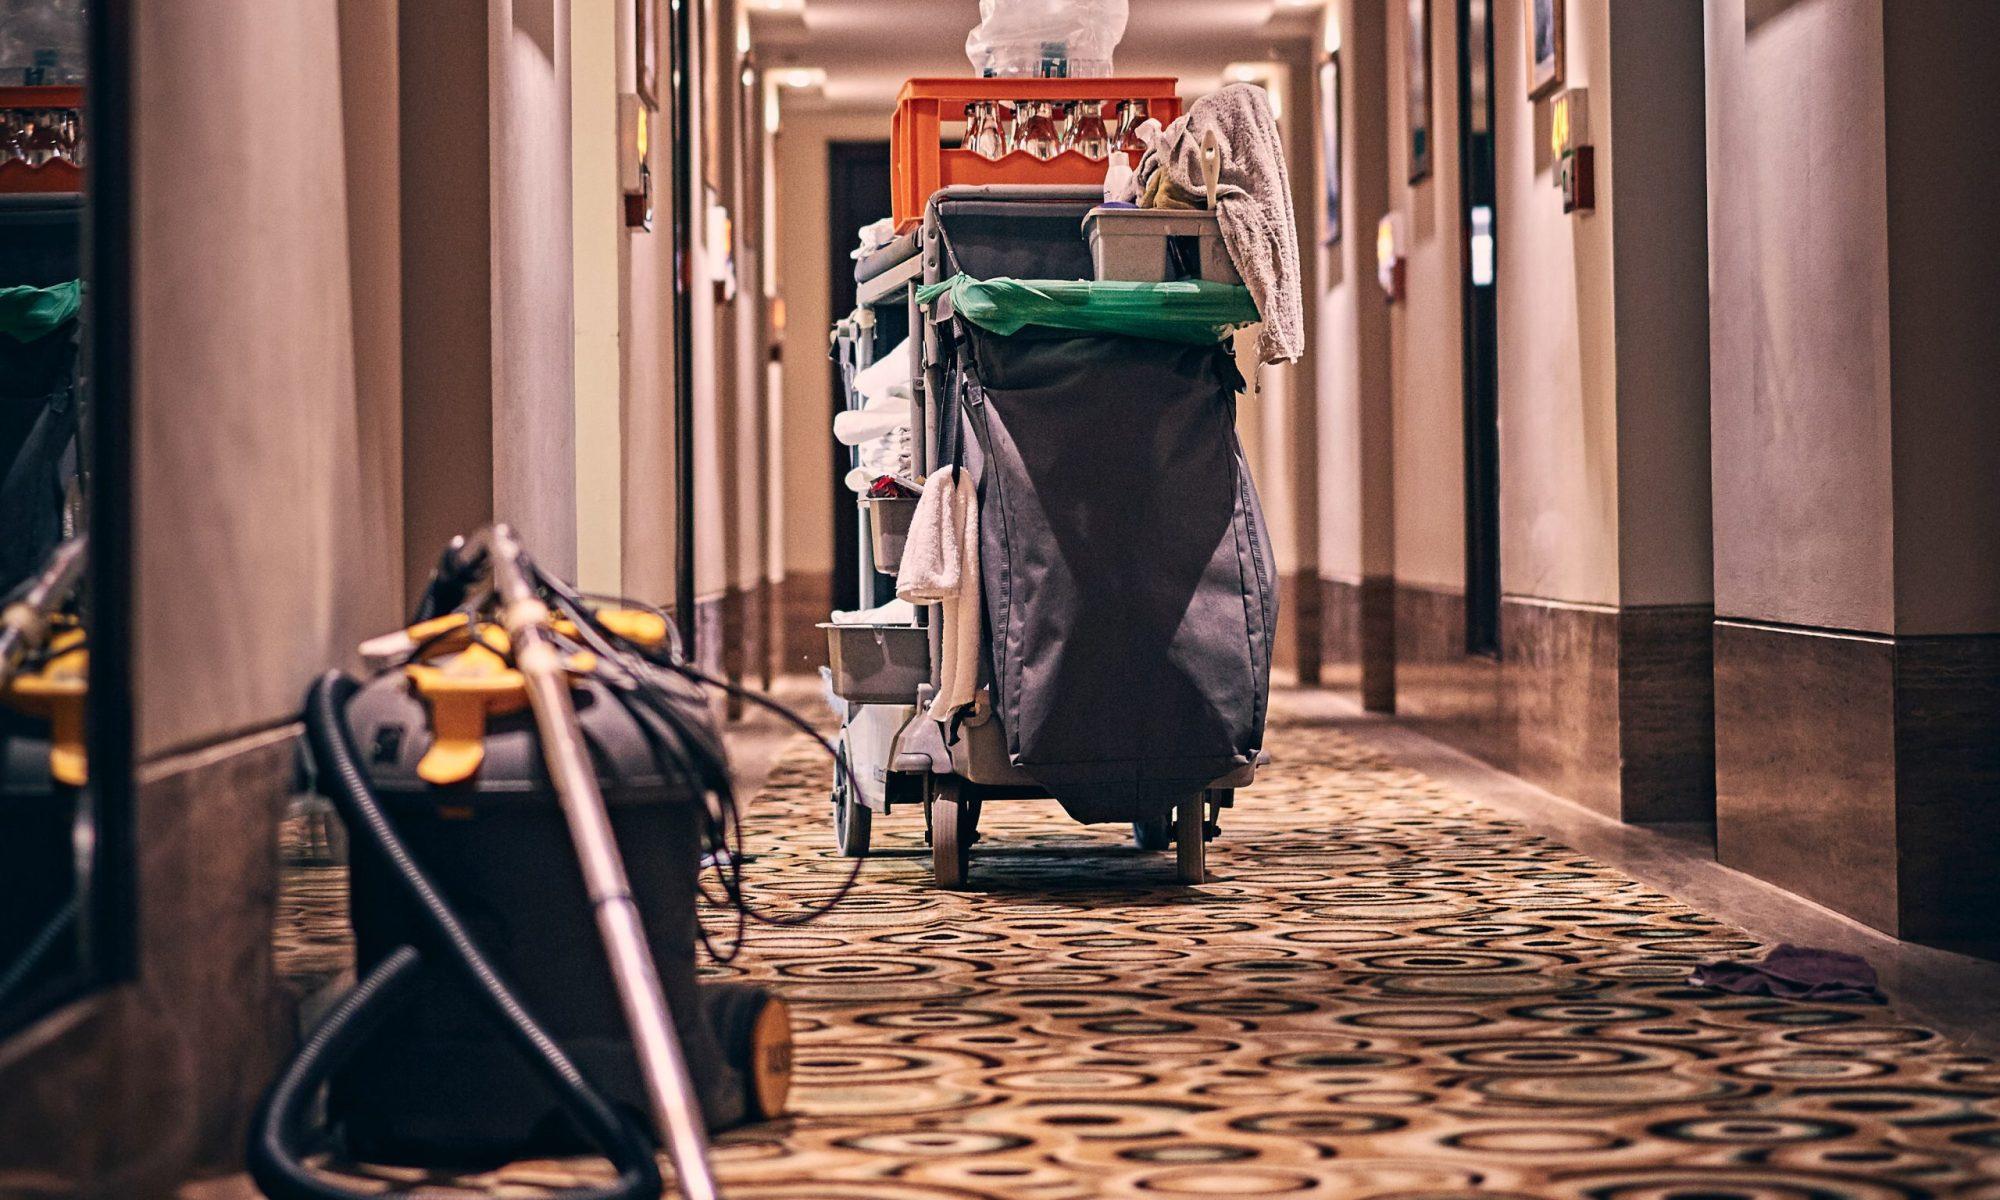 estándares de limpieza para hotelería y gastronomía